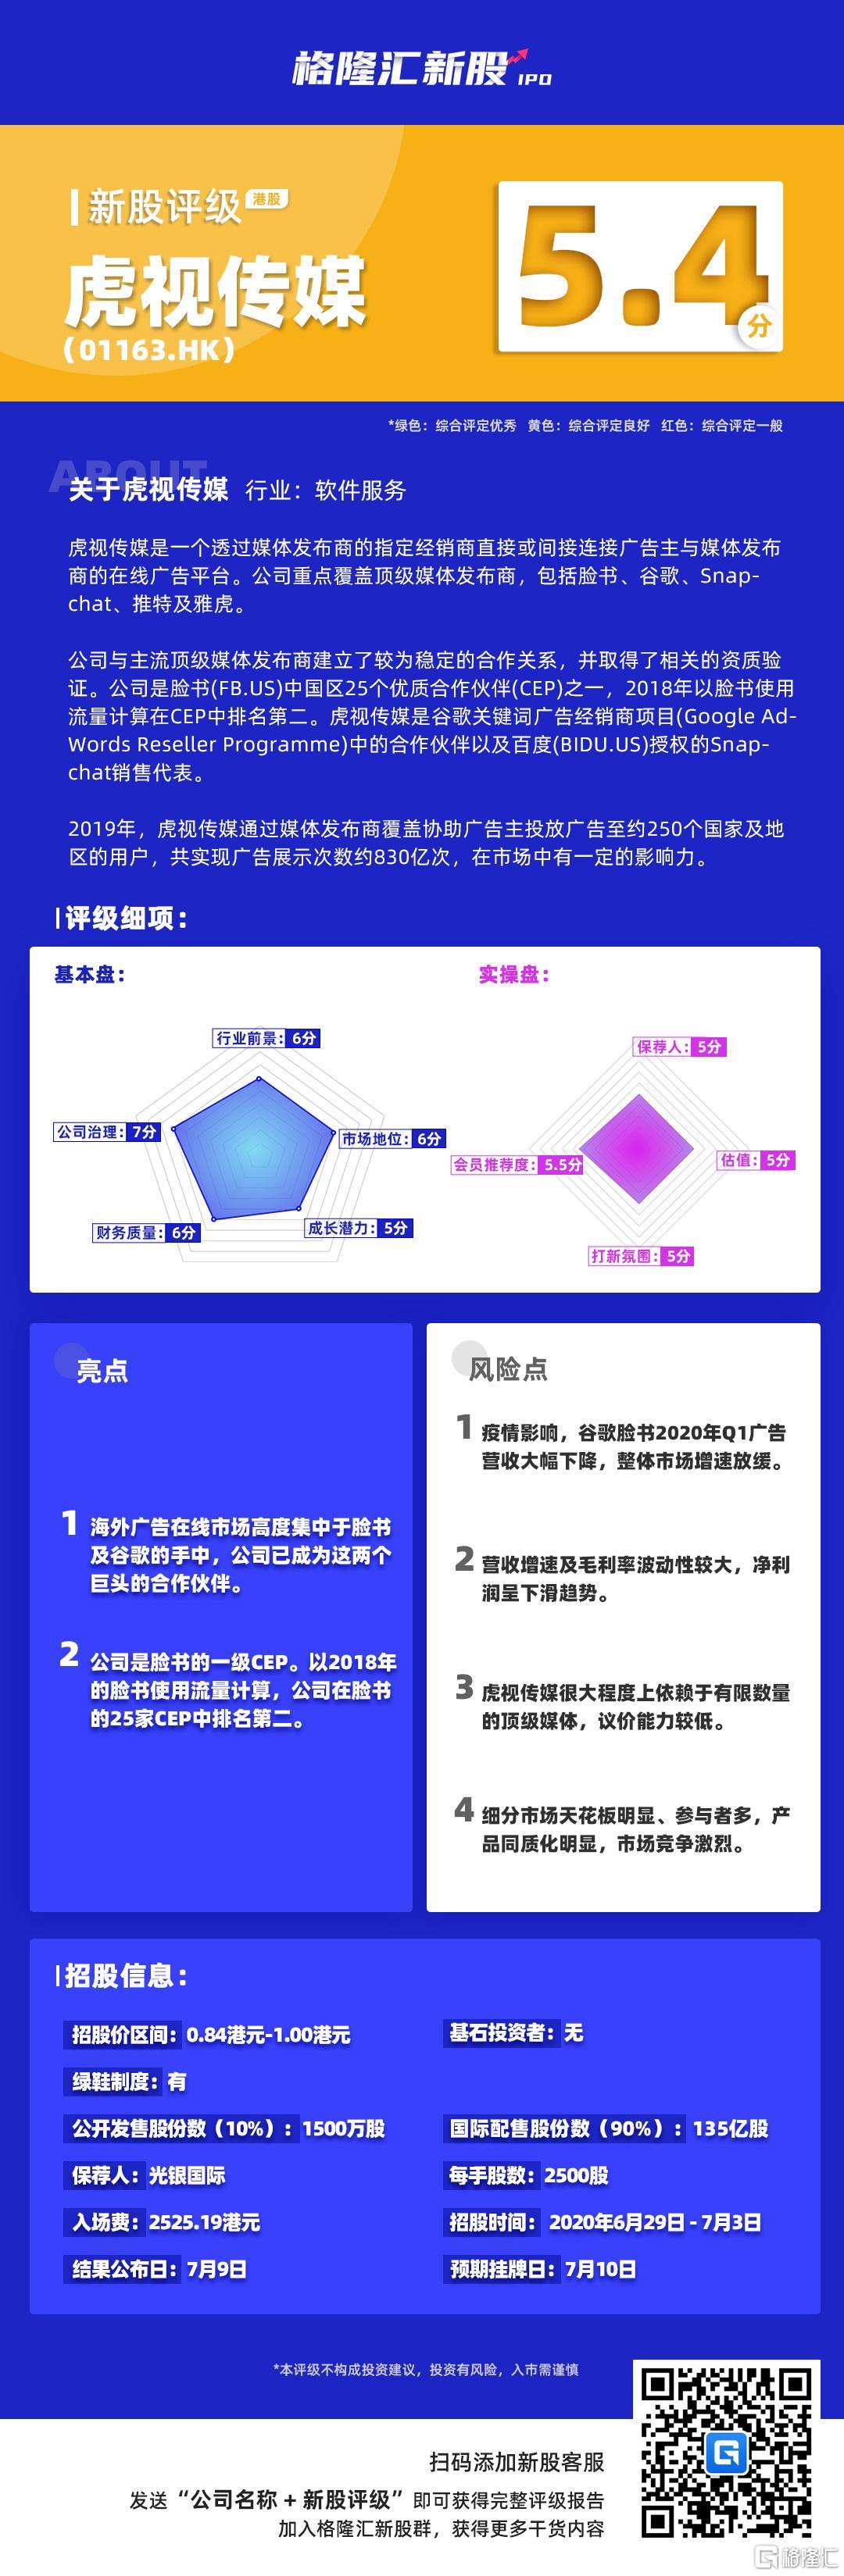 新股评级 | 虎视传媒(01163.HK):谷歌和脸书的海外在线广告平台